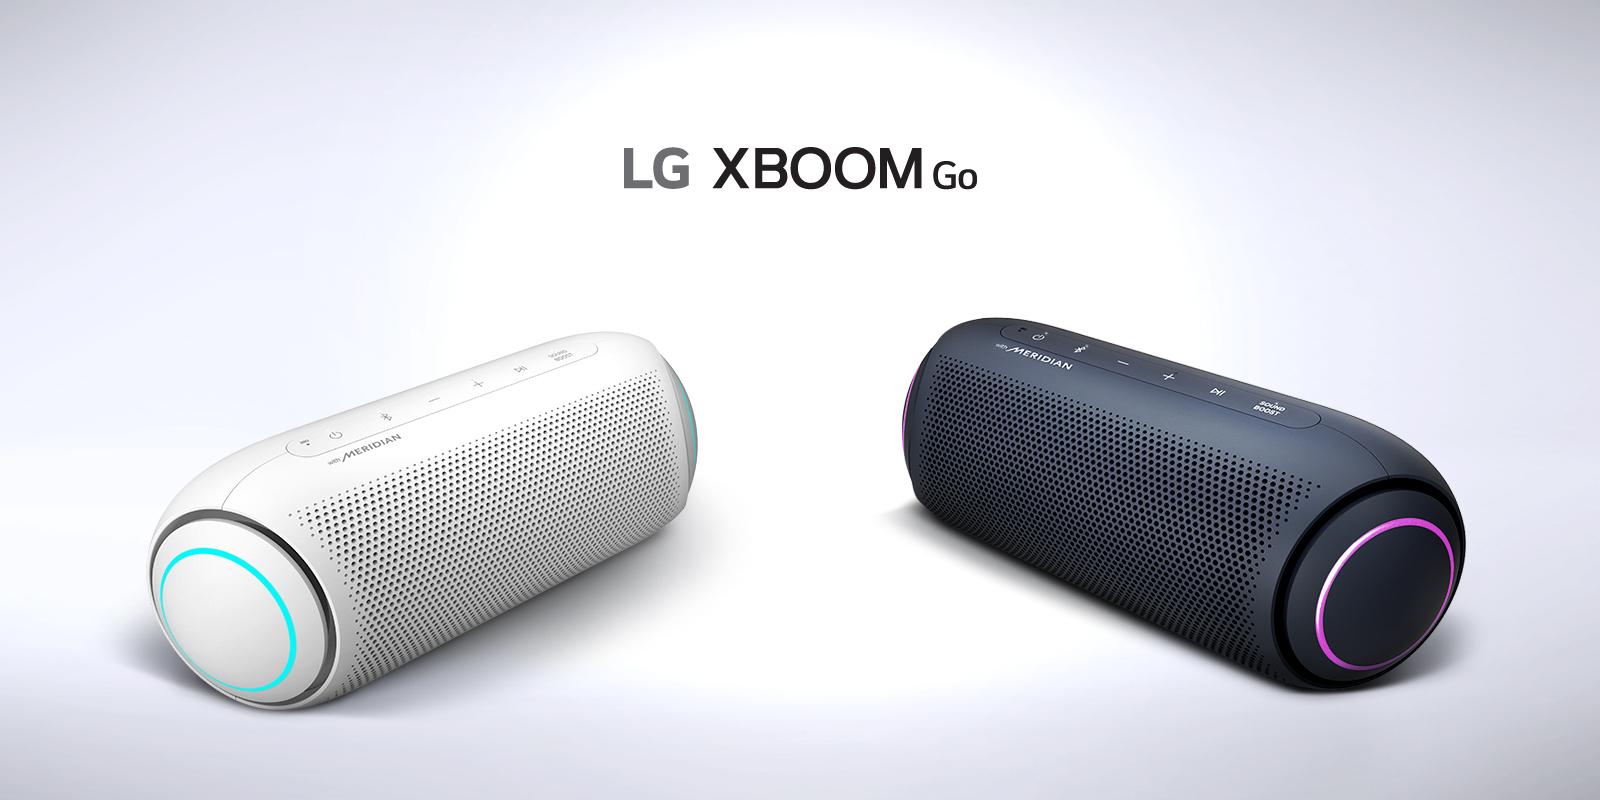 ALTAVOCES LG: NUEVA SERIE XBOOM Go OFRECE TECNOLOGÍA MERI-DIAN Y DISEÑO RENOVADO